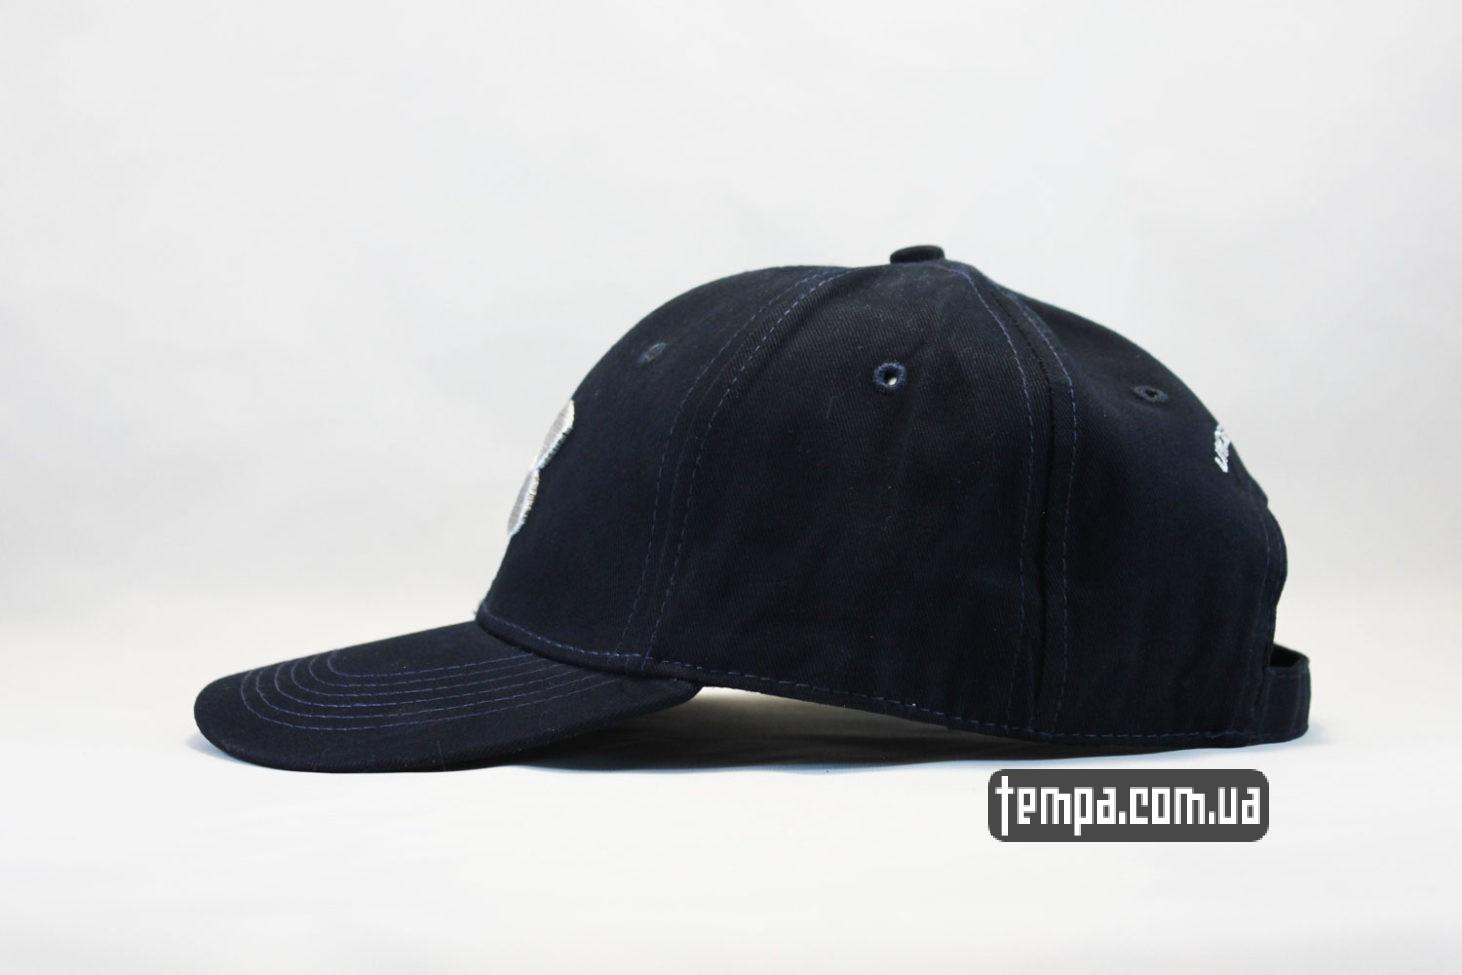 закругленный круглый козырек кепка бейсболка UNDER ARMOUR синяя спортивная оригинал